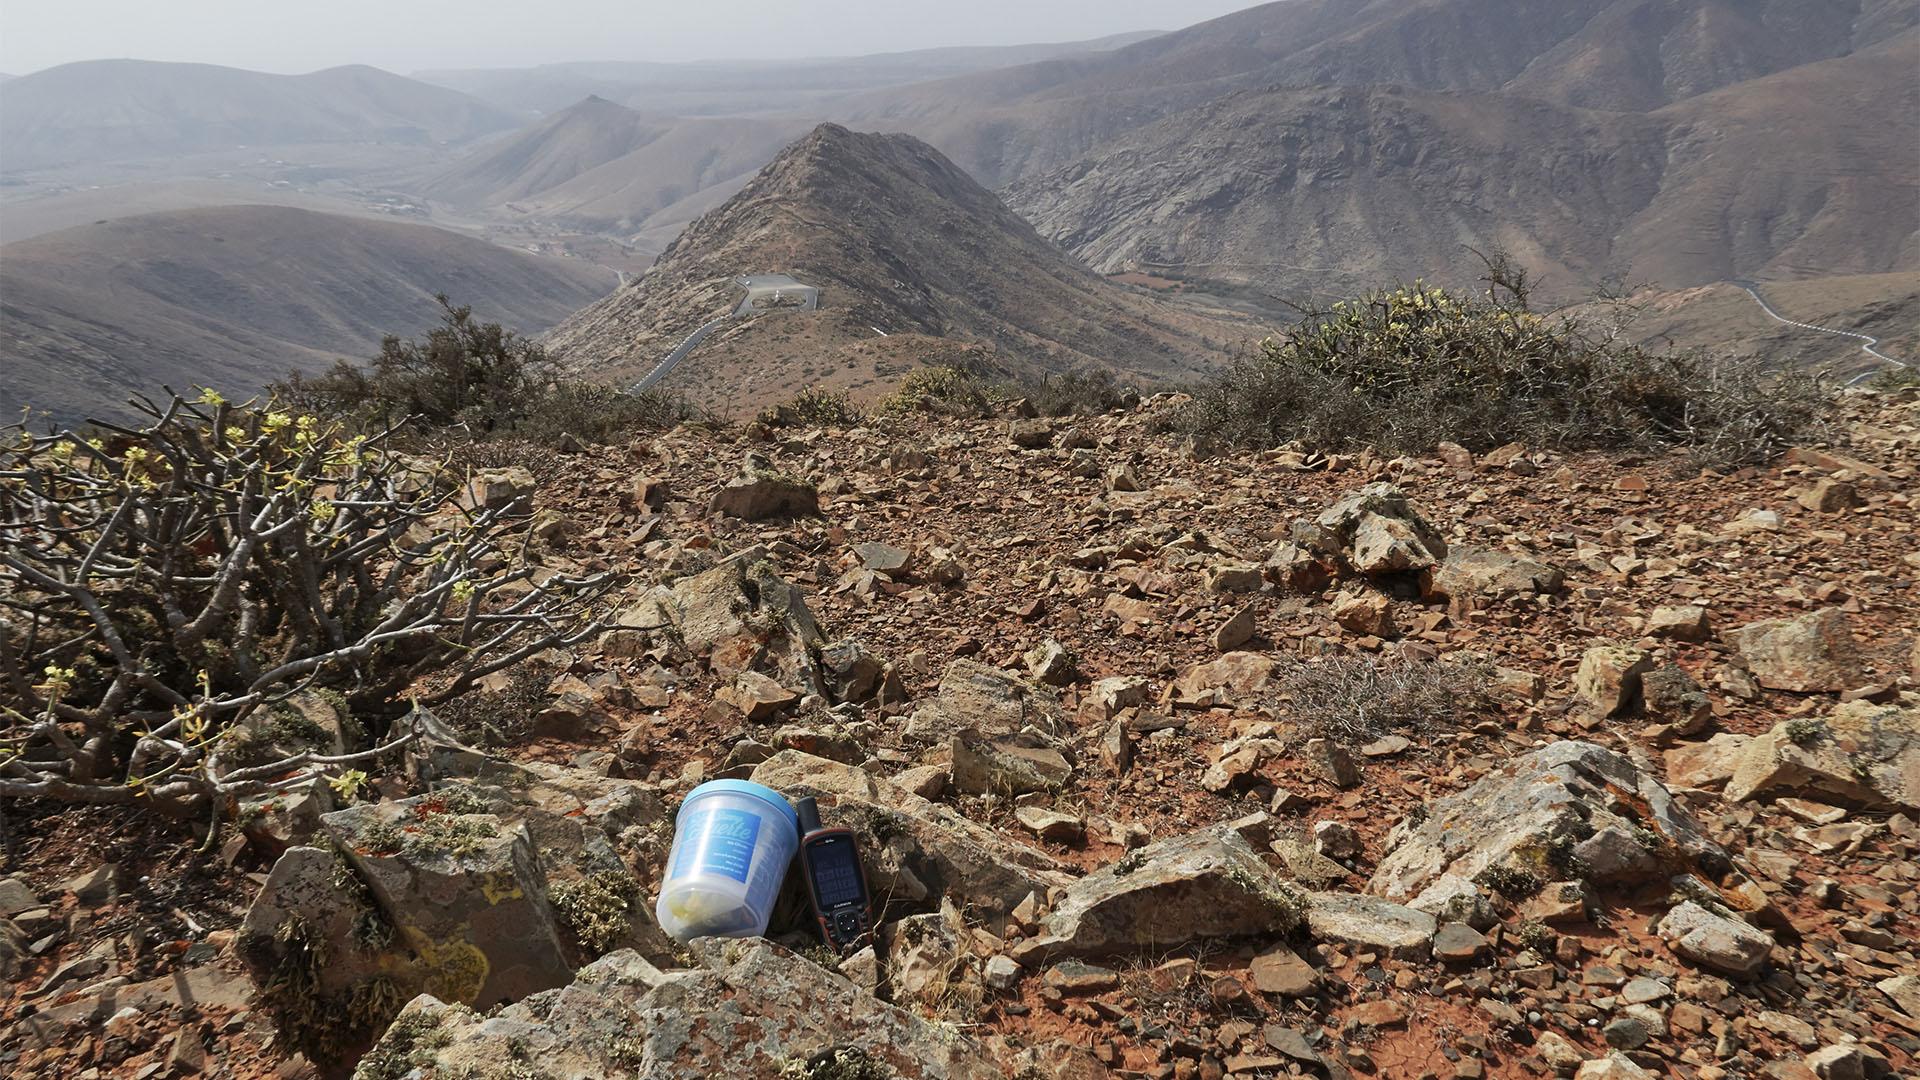 Die Sunnyfuerte Geocaches auf Fuerteventura.